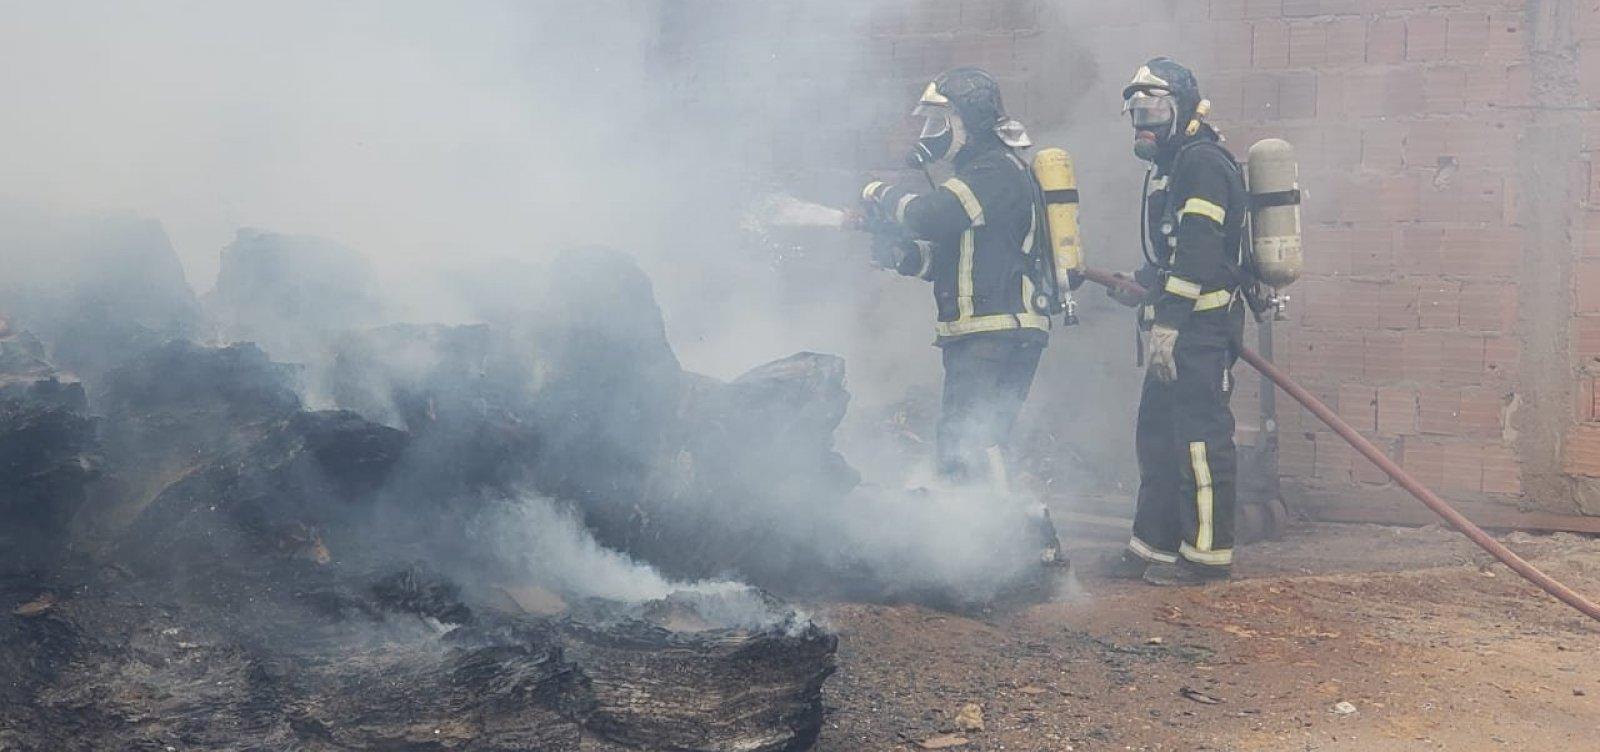 [Bombeiros combatem incêndio em depósito de reciclagem em Barreiras]